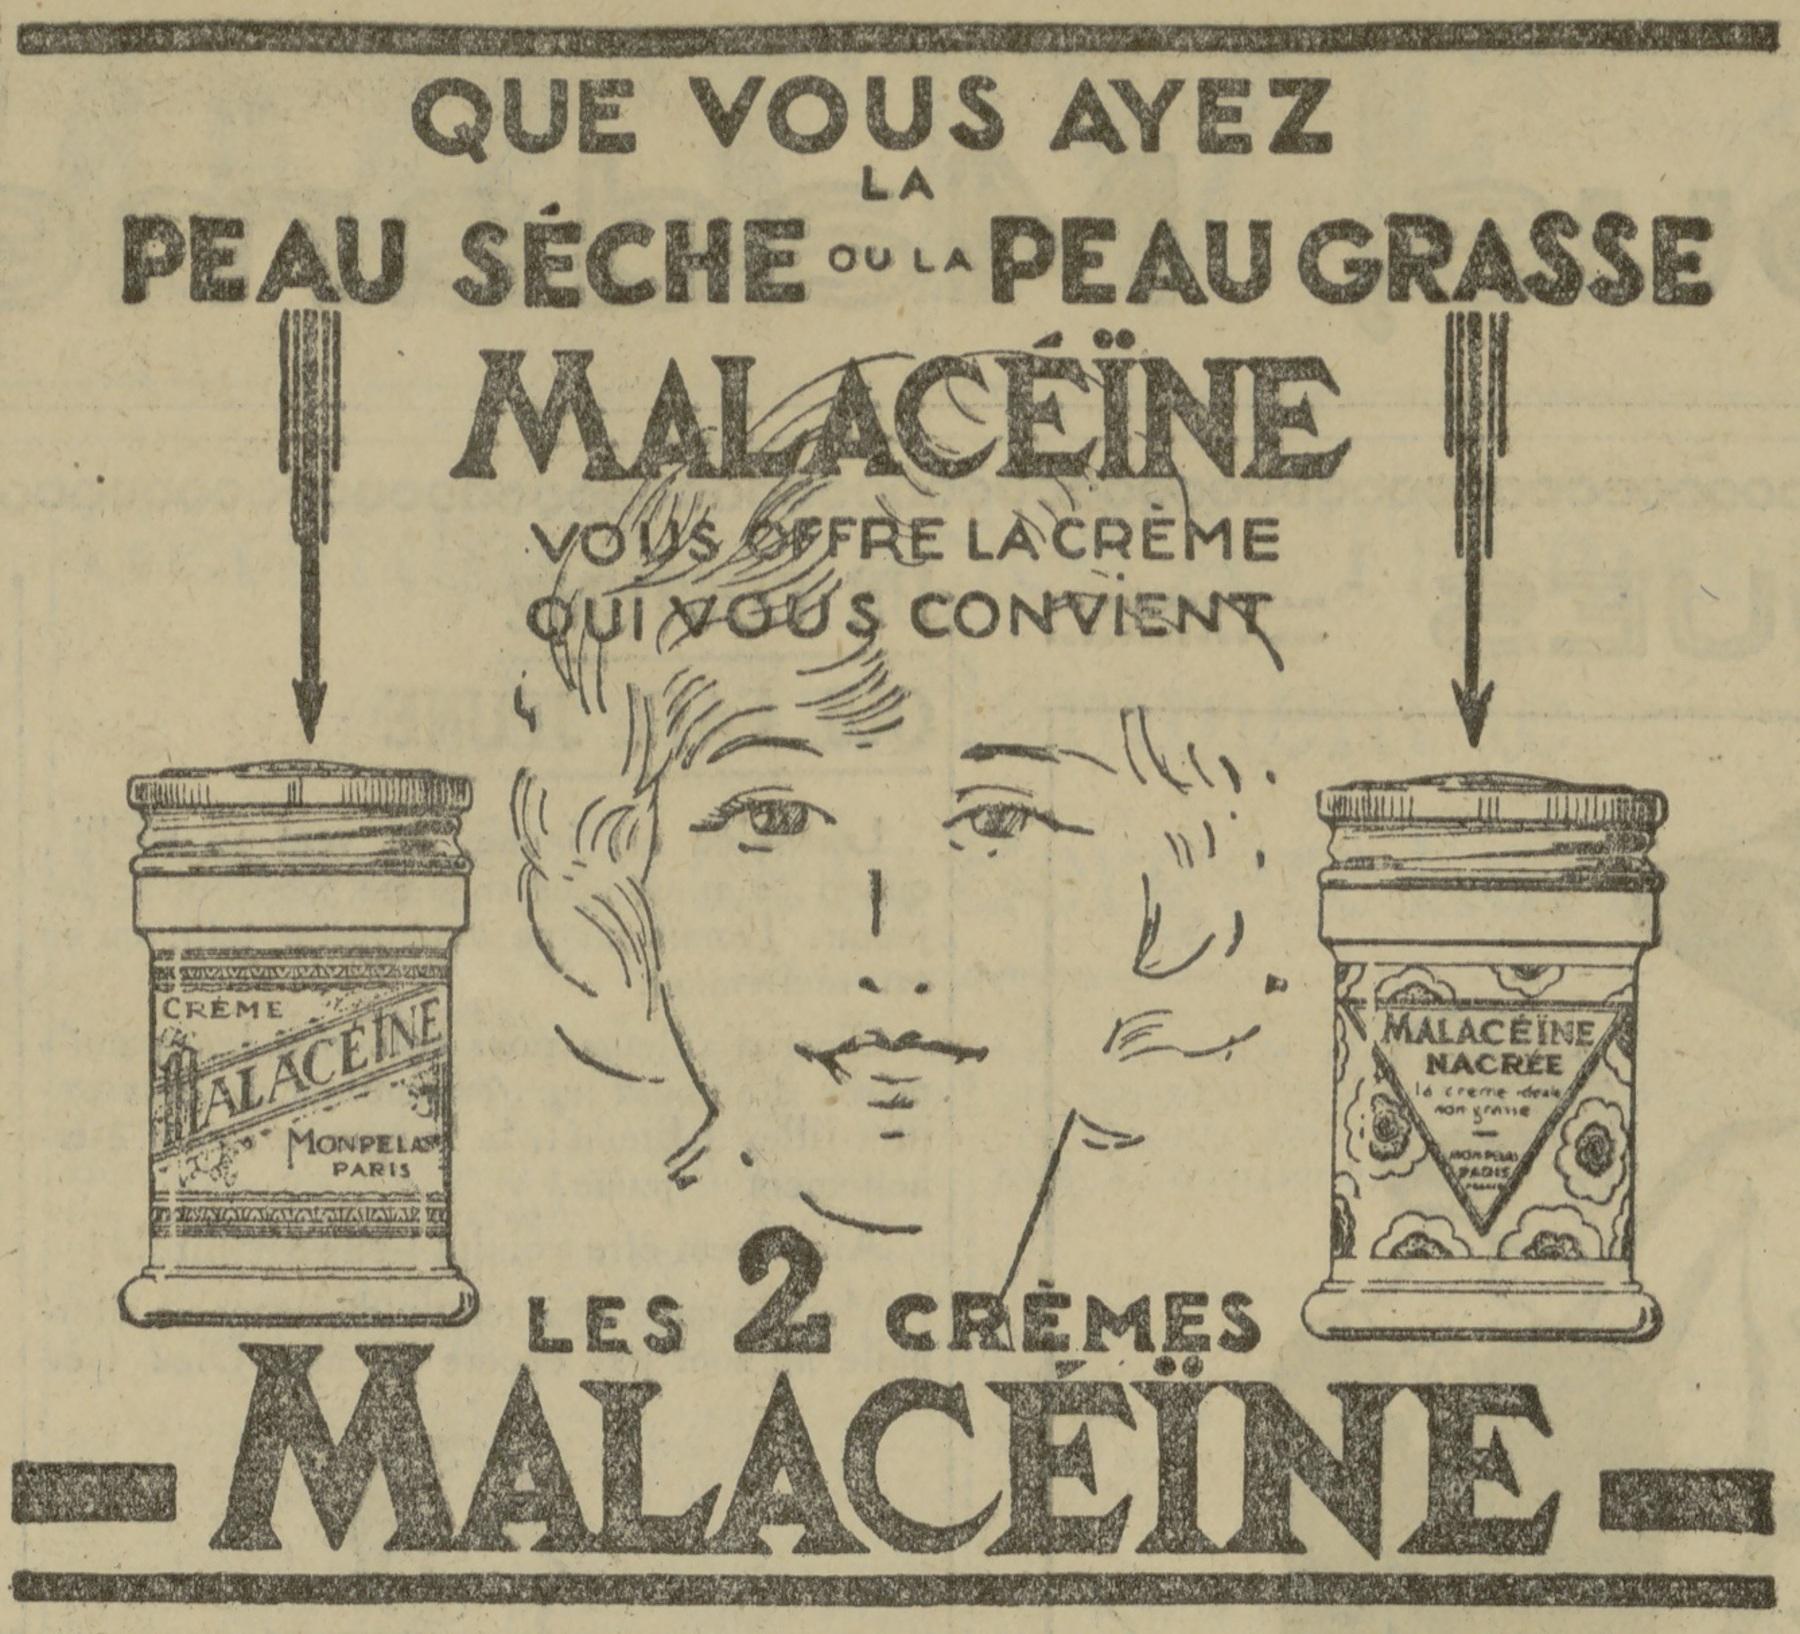 Contenu du Malacéïne